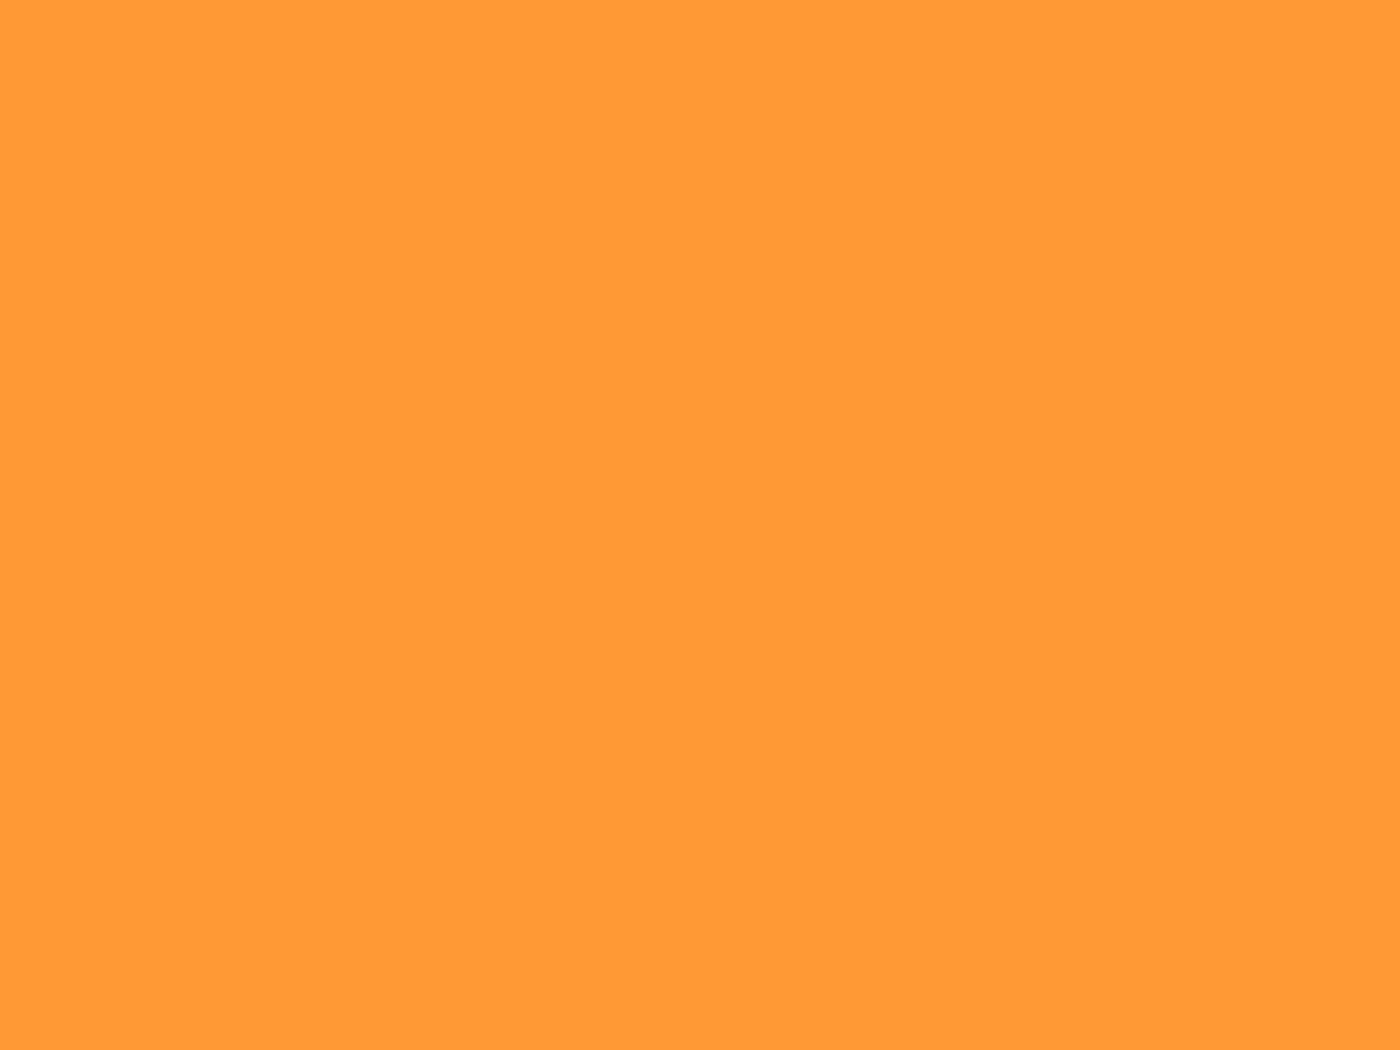 1400x1050 Deep Saffron Solid Color Background